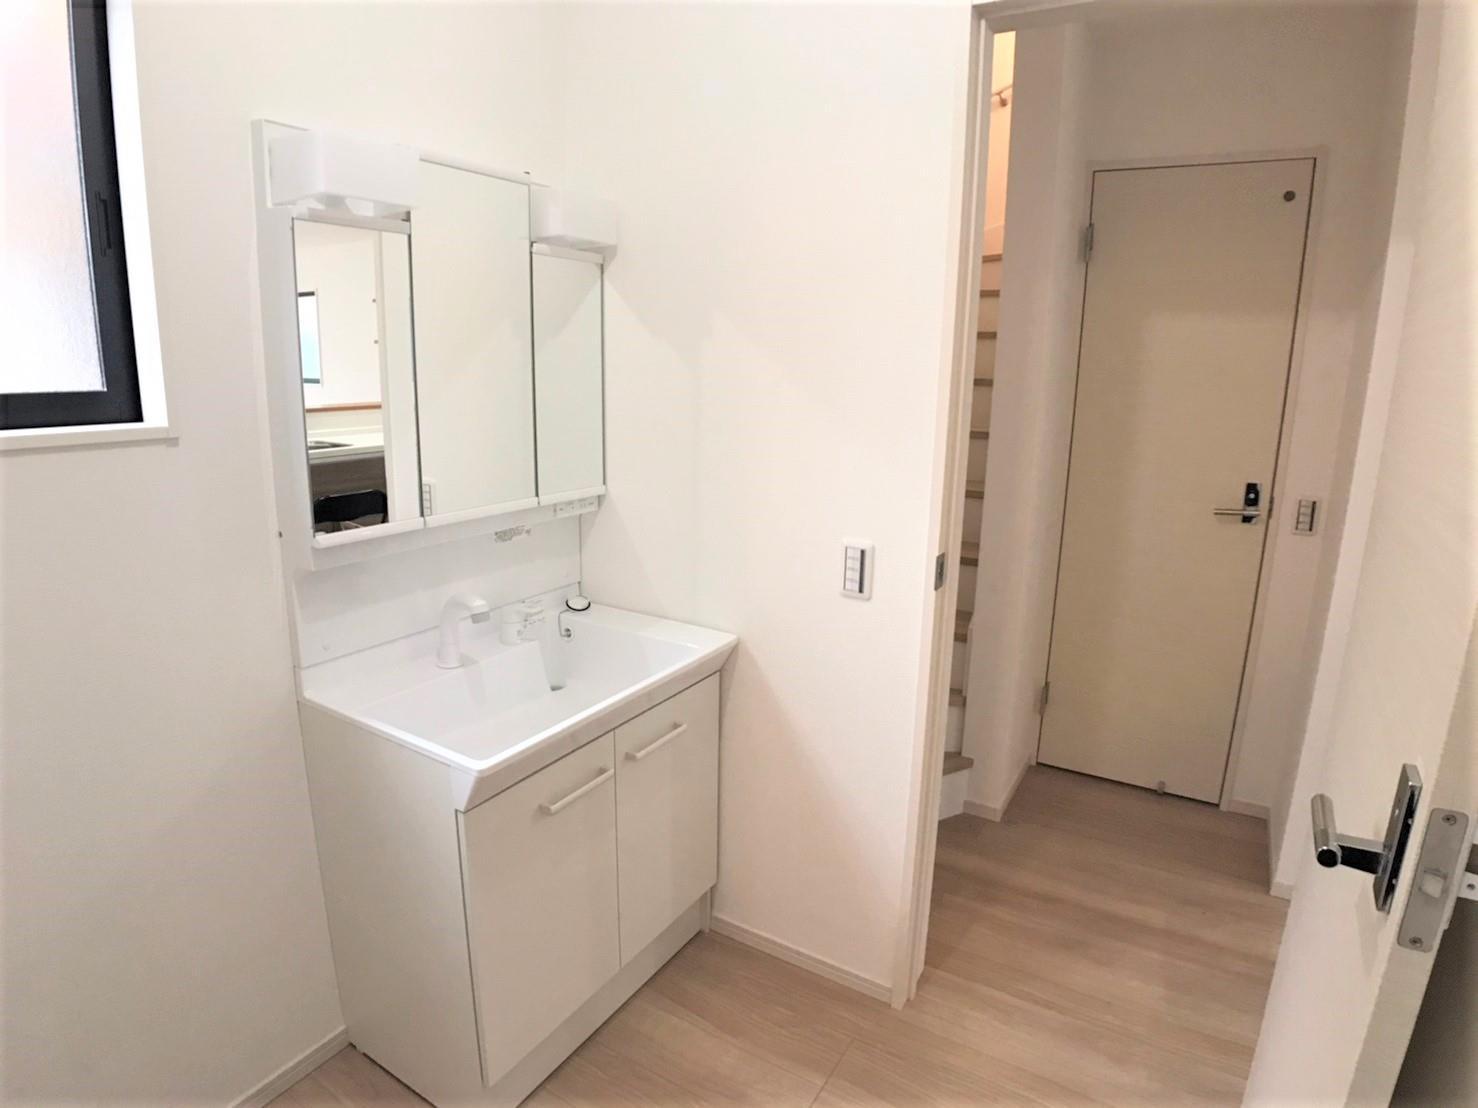 洗面台・洗面所1号棟・洗面化粧室  ●清潔感ある洗面化粧室です。化粧台は使いやすい三面鏡タイプを採用!鏡の裏側、足元の扉も収納スペースになっています。洗剤、お風呂の掃除用具など収納できます♪